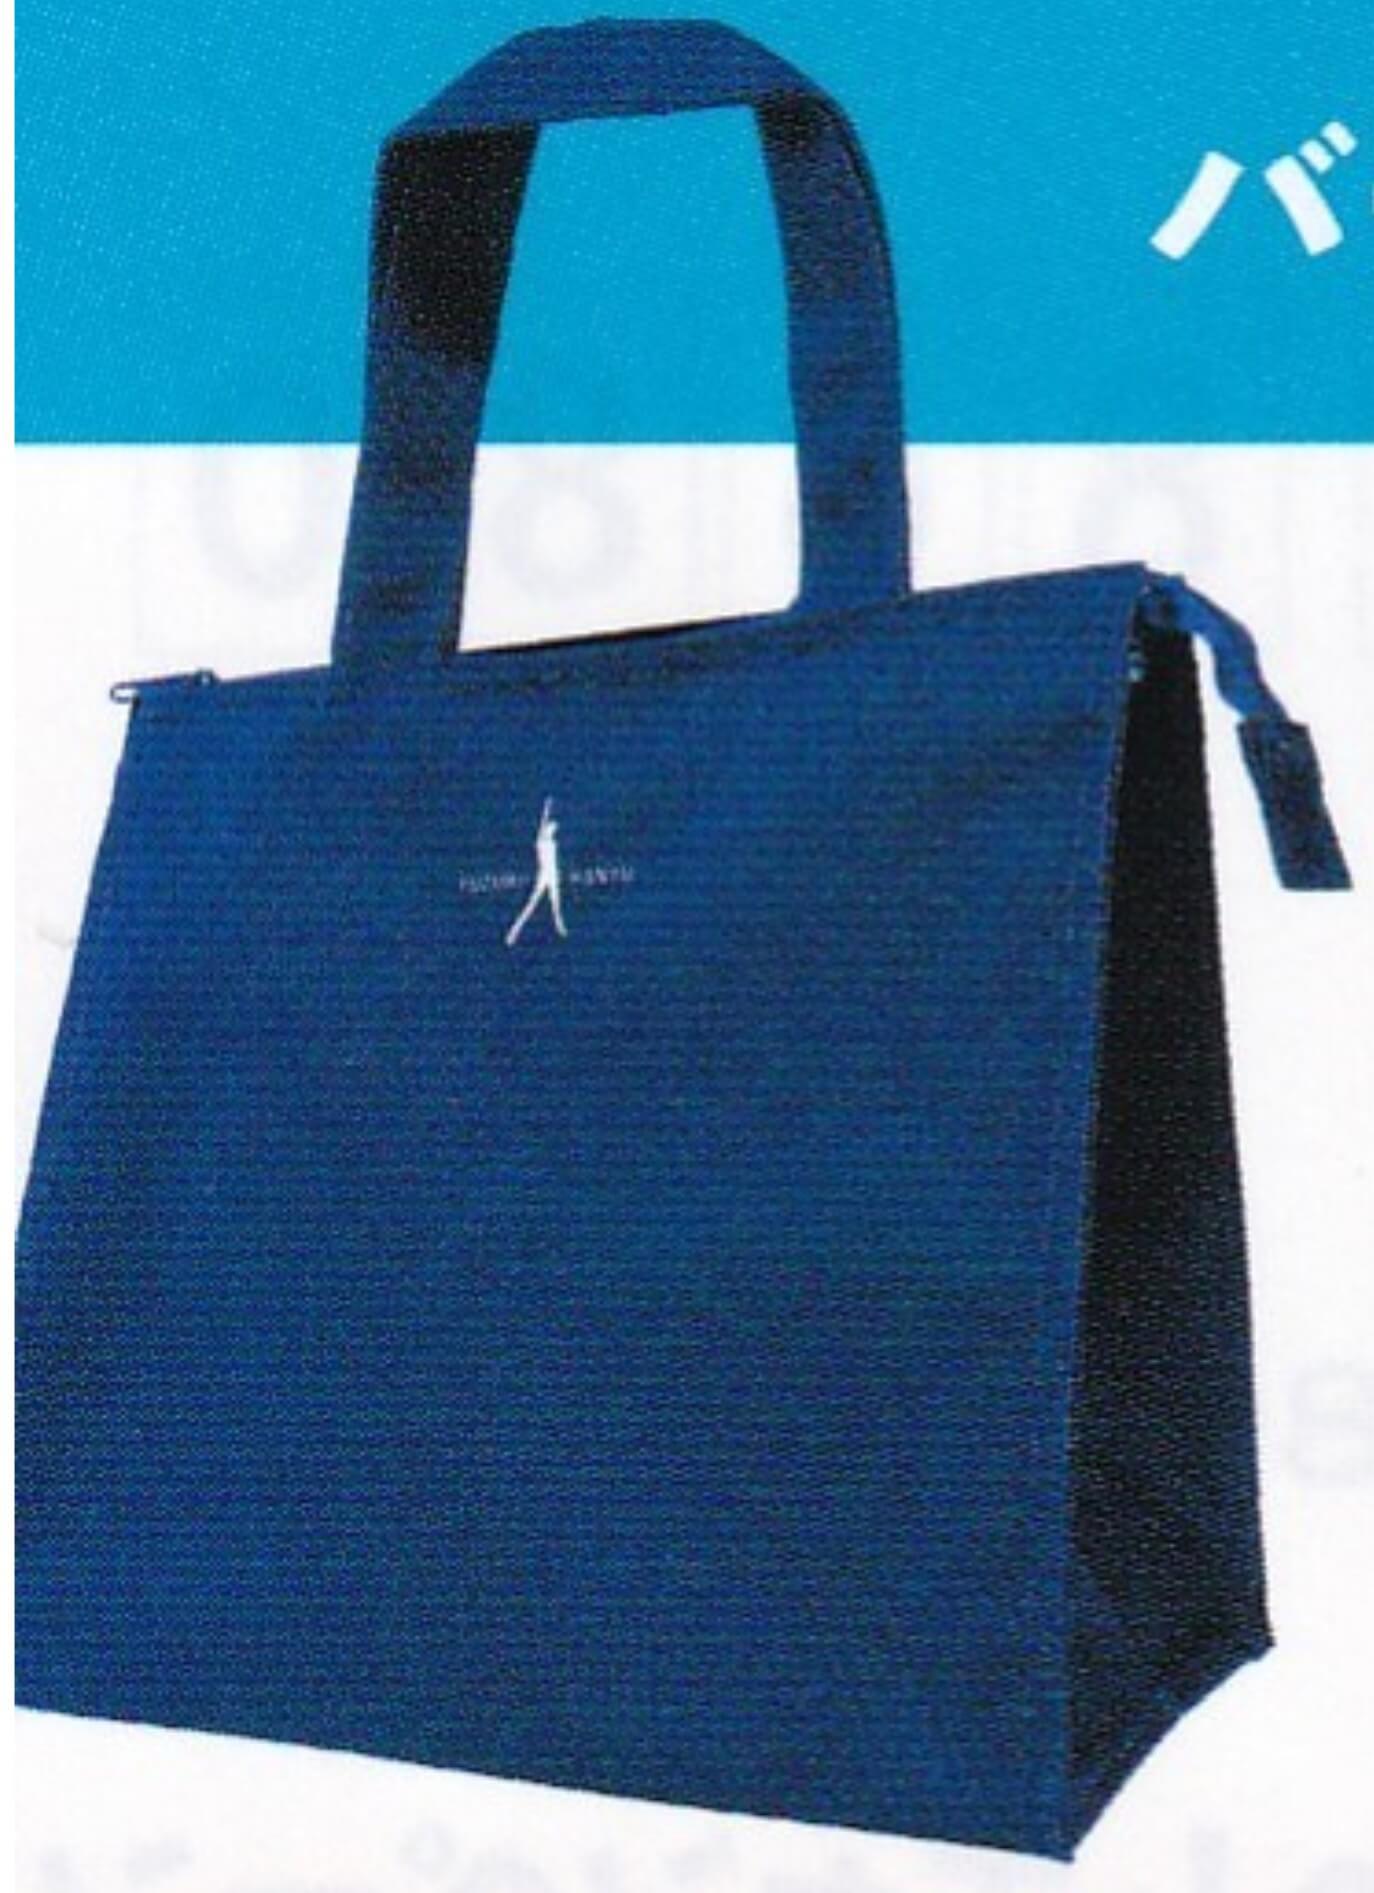 味の素の キャンペーンで当たるオリジナル保冷バッグ! ワンポイントの羽生結弦もシンプルデザインでいいよね!!